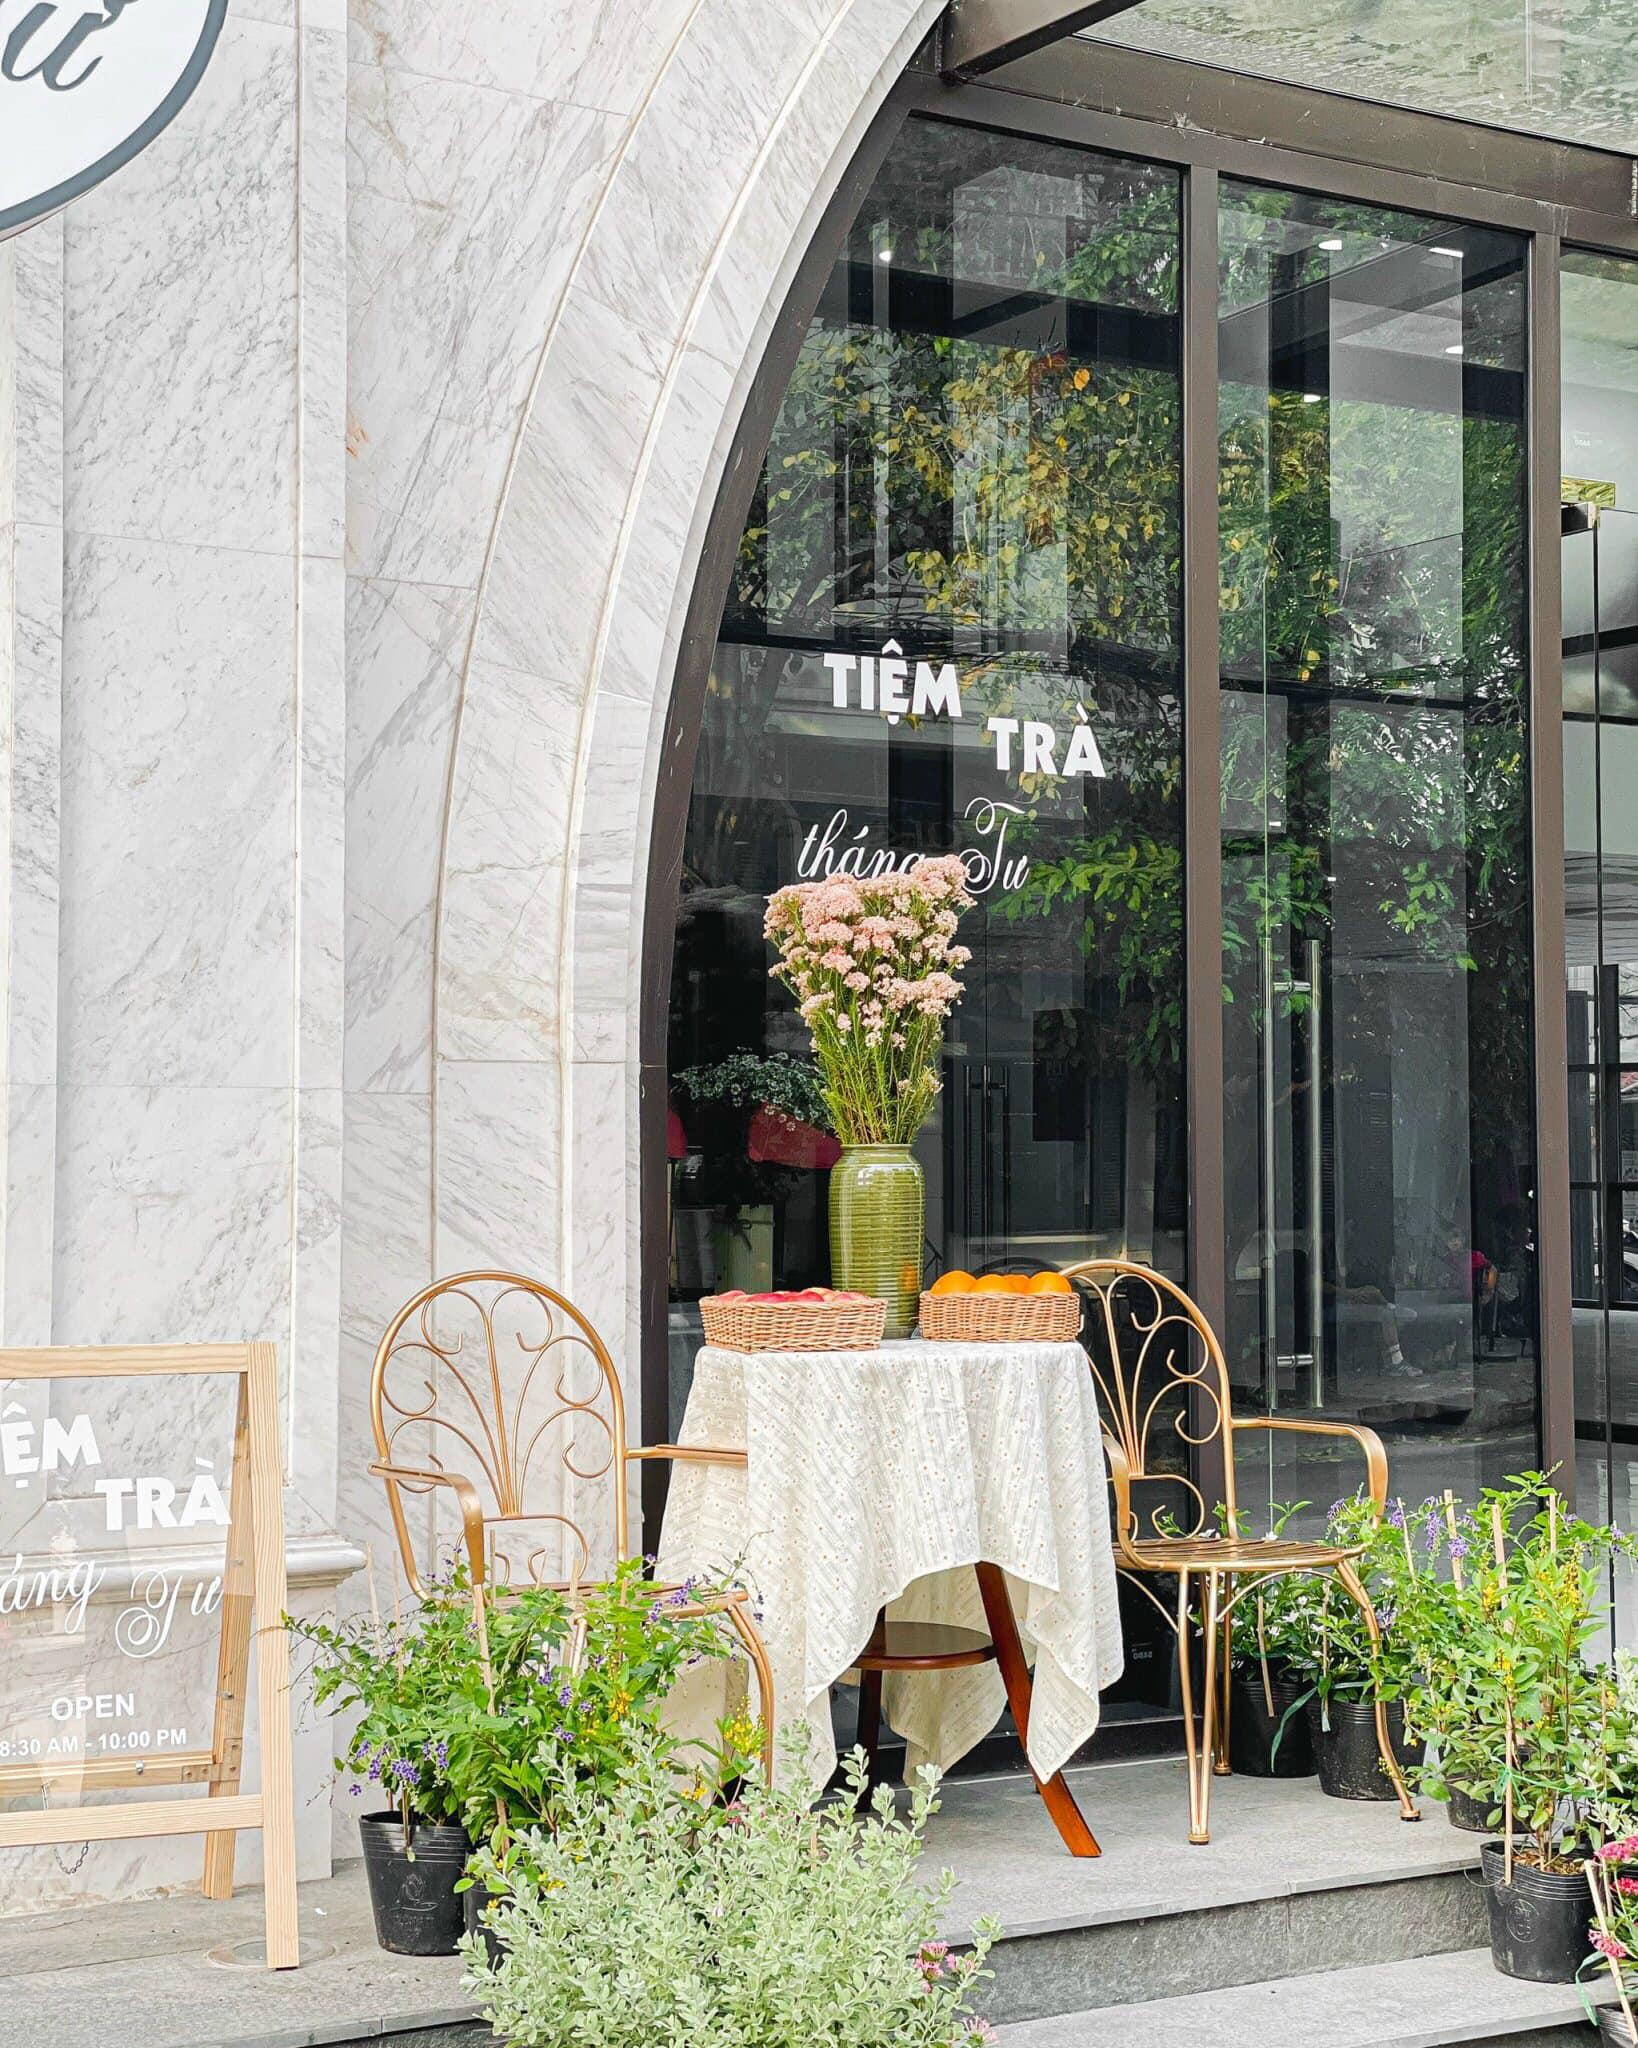 Tiệm Trà Tháng Tư - Tiệm trà của thanh xuân